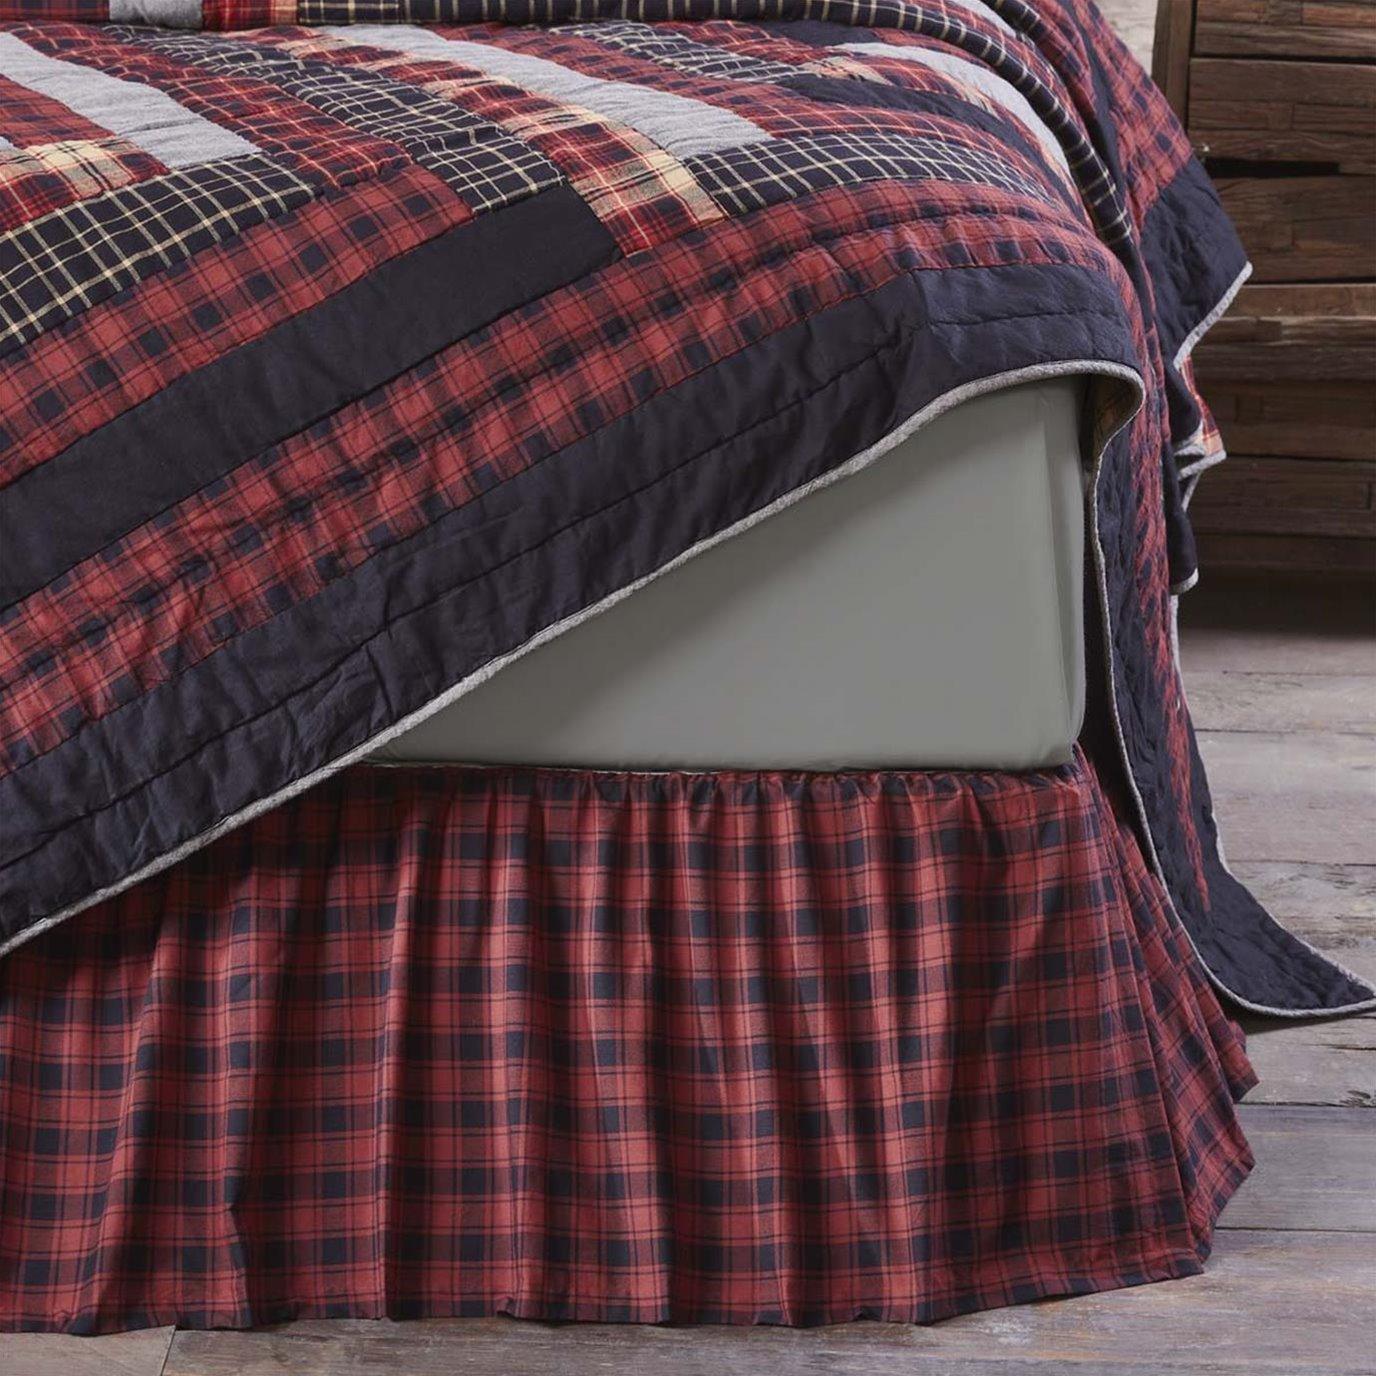 Cumberland Queen Bed Skirt 60x80x16